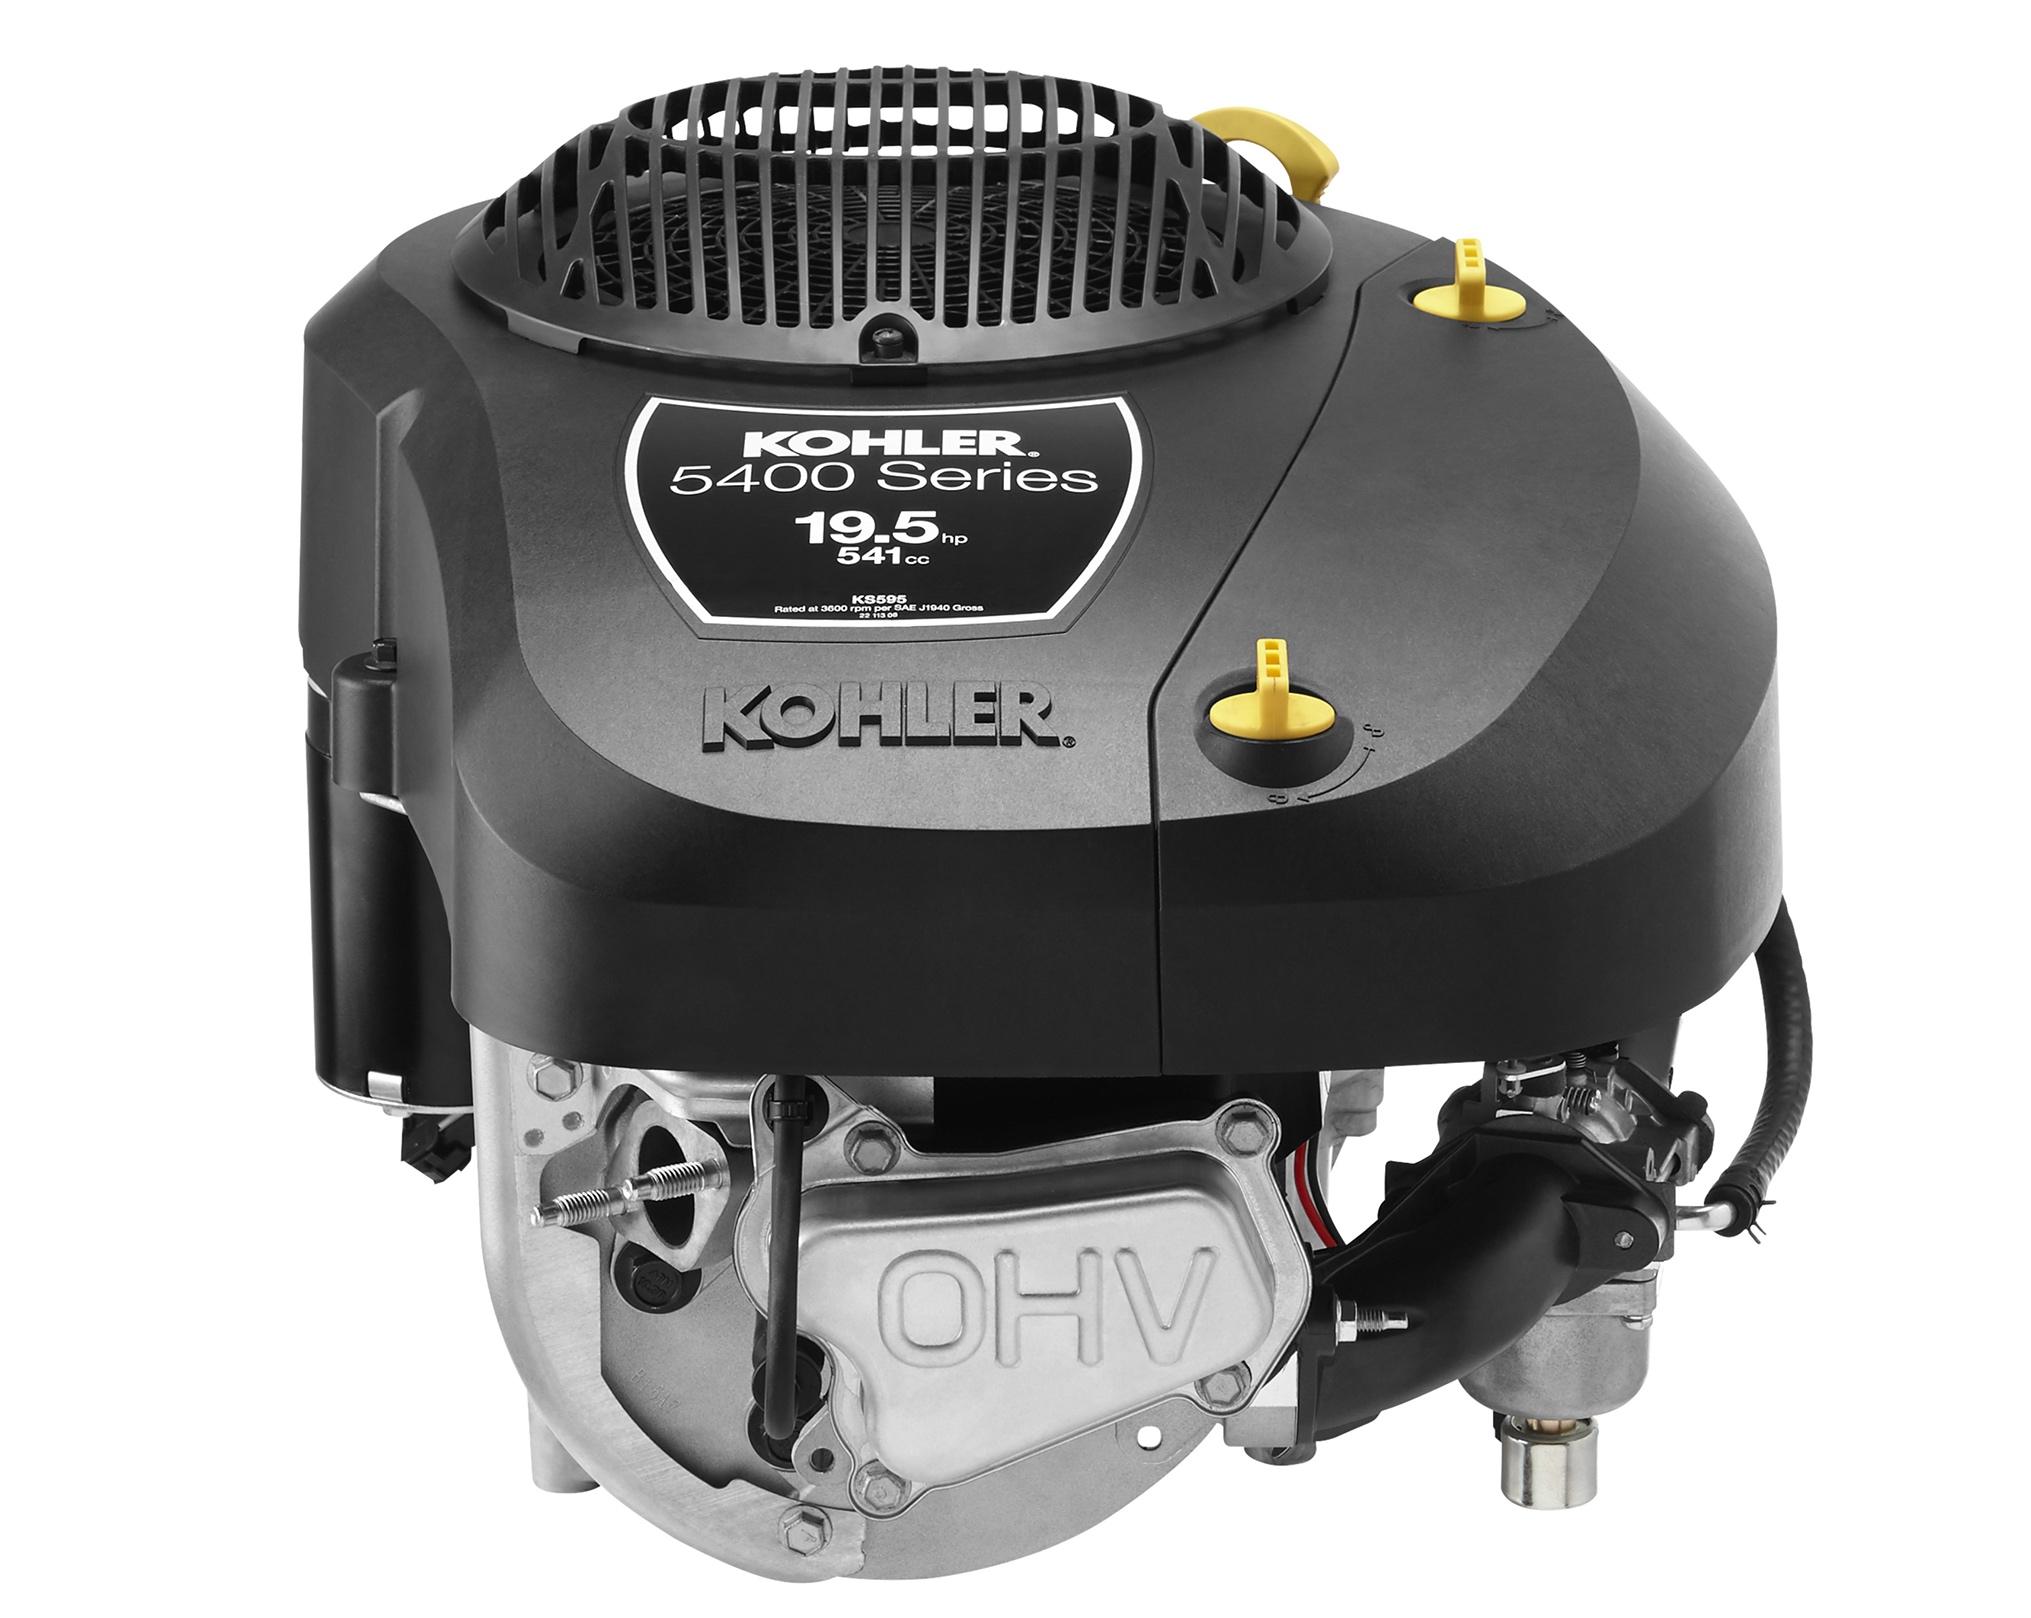 Kohler 5400 Series